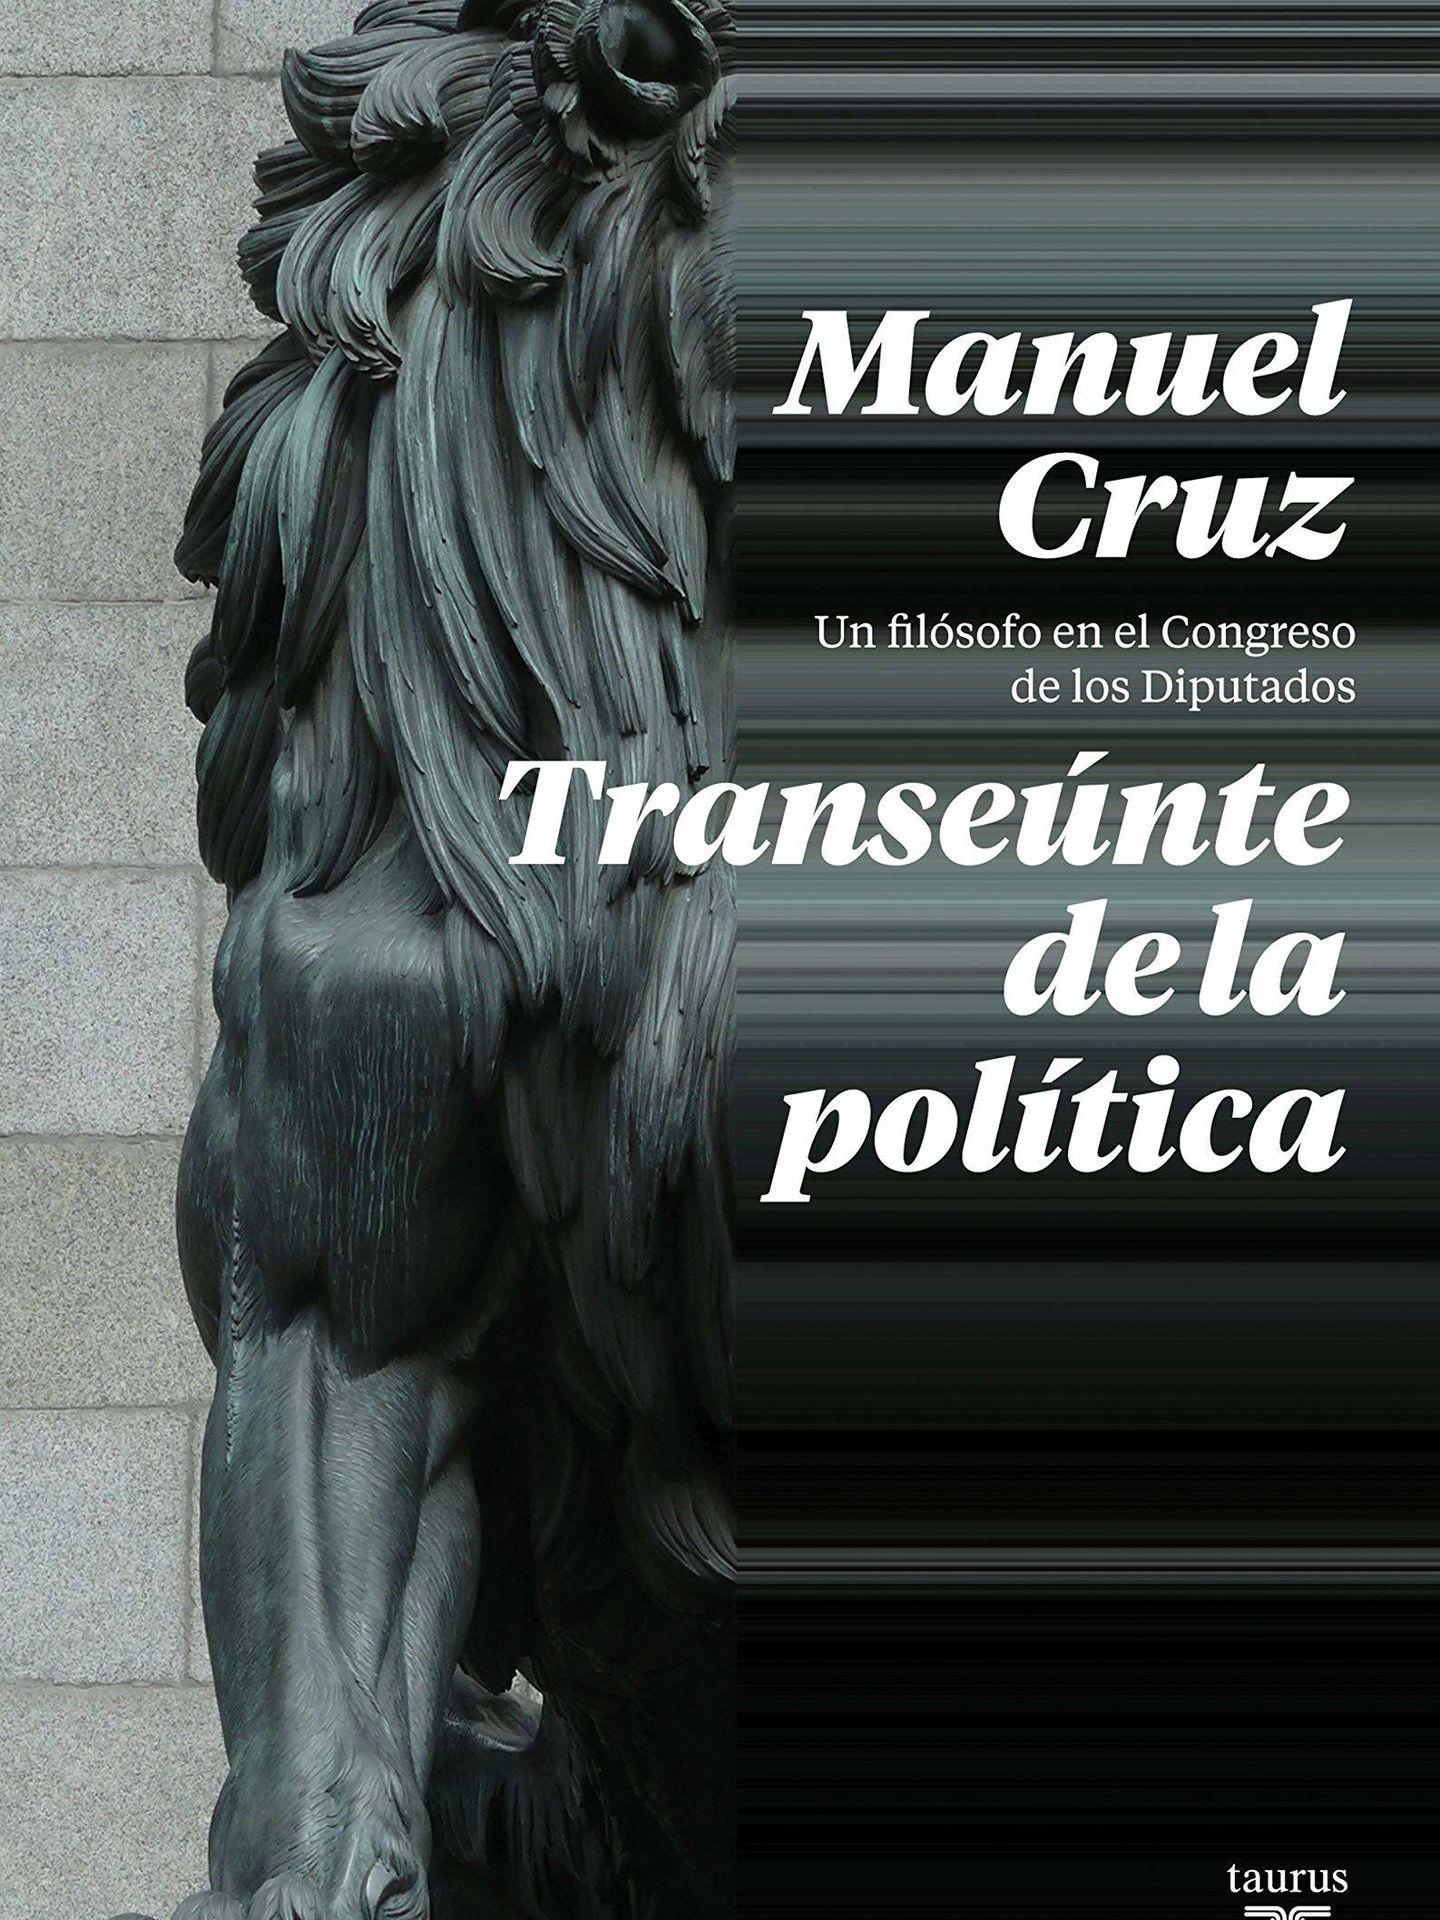 https://cms.elconfidencial.com/front/list/'Transe%C3%BAnte%20de%20la%20pol%C3%ADtica'.